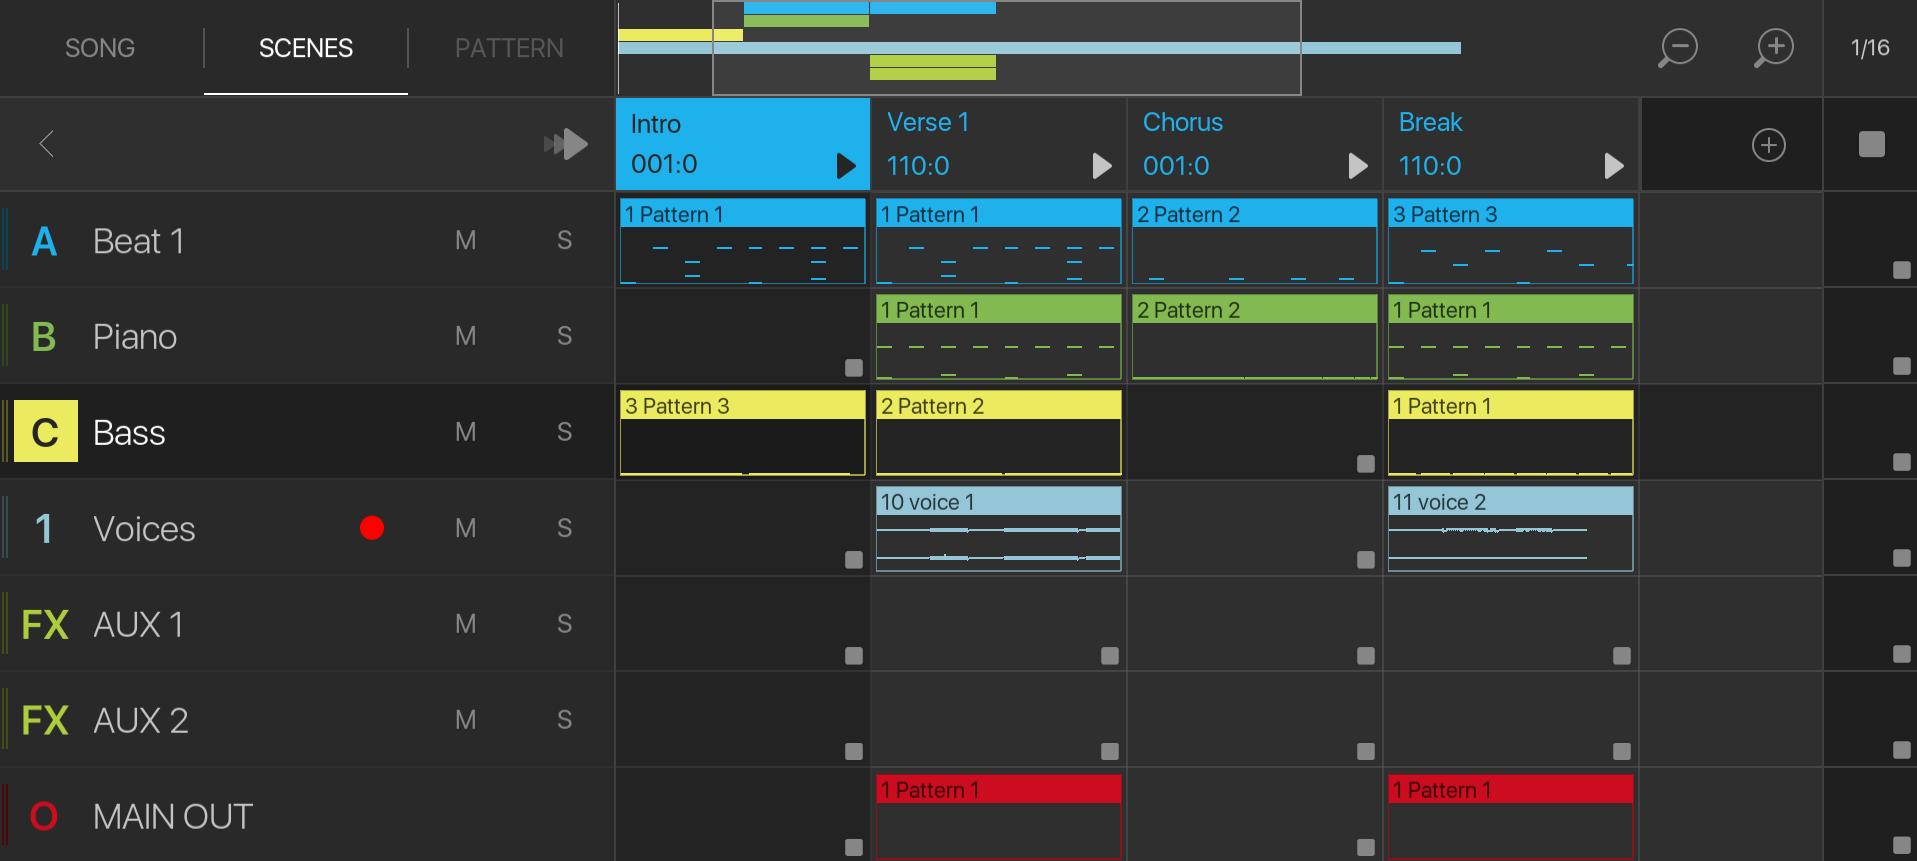 Sequencer View – BeatMaker Support